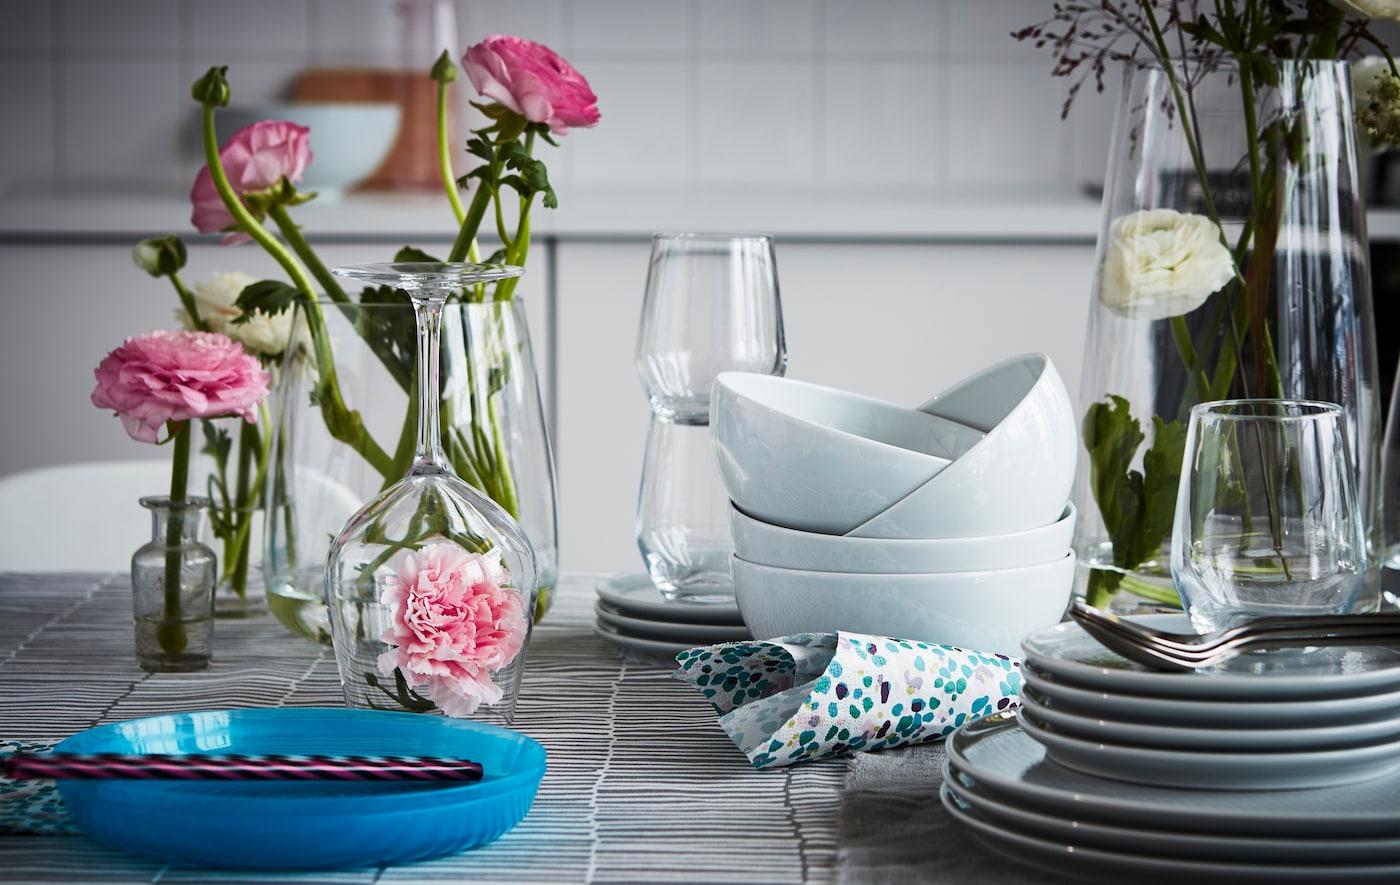 Tisch dekorieren einladende ideen ikea ikea - Ikea glastisch dekorieren ...